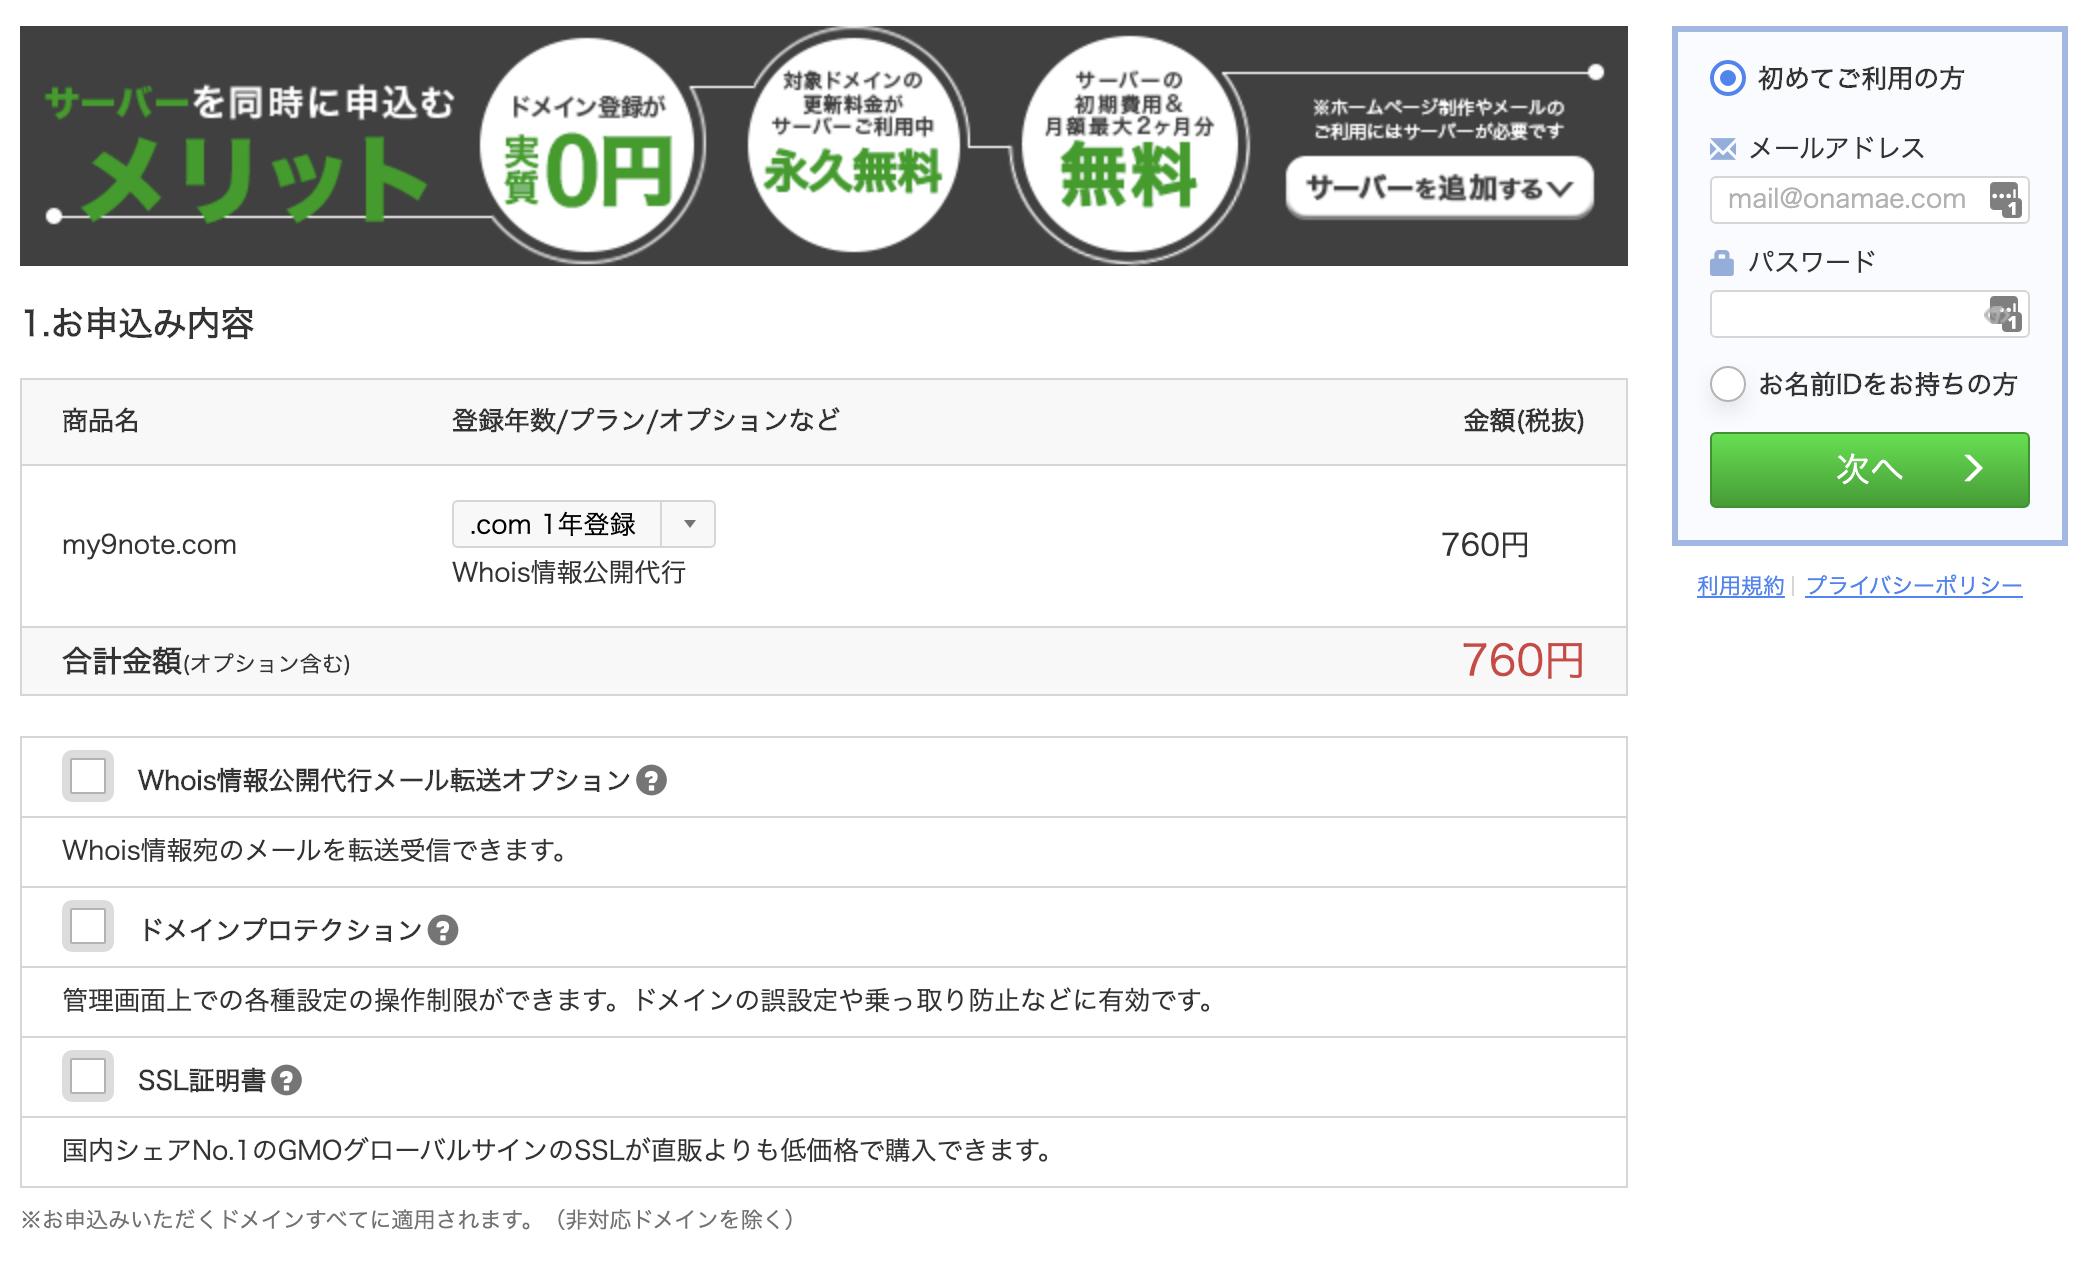 スクリーンショット 2020-05-06 19.44.20